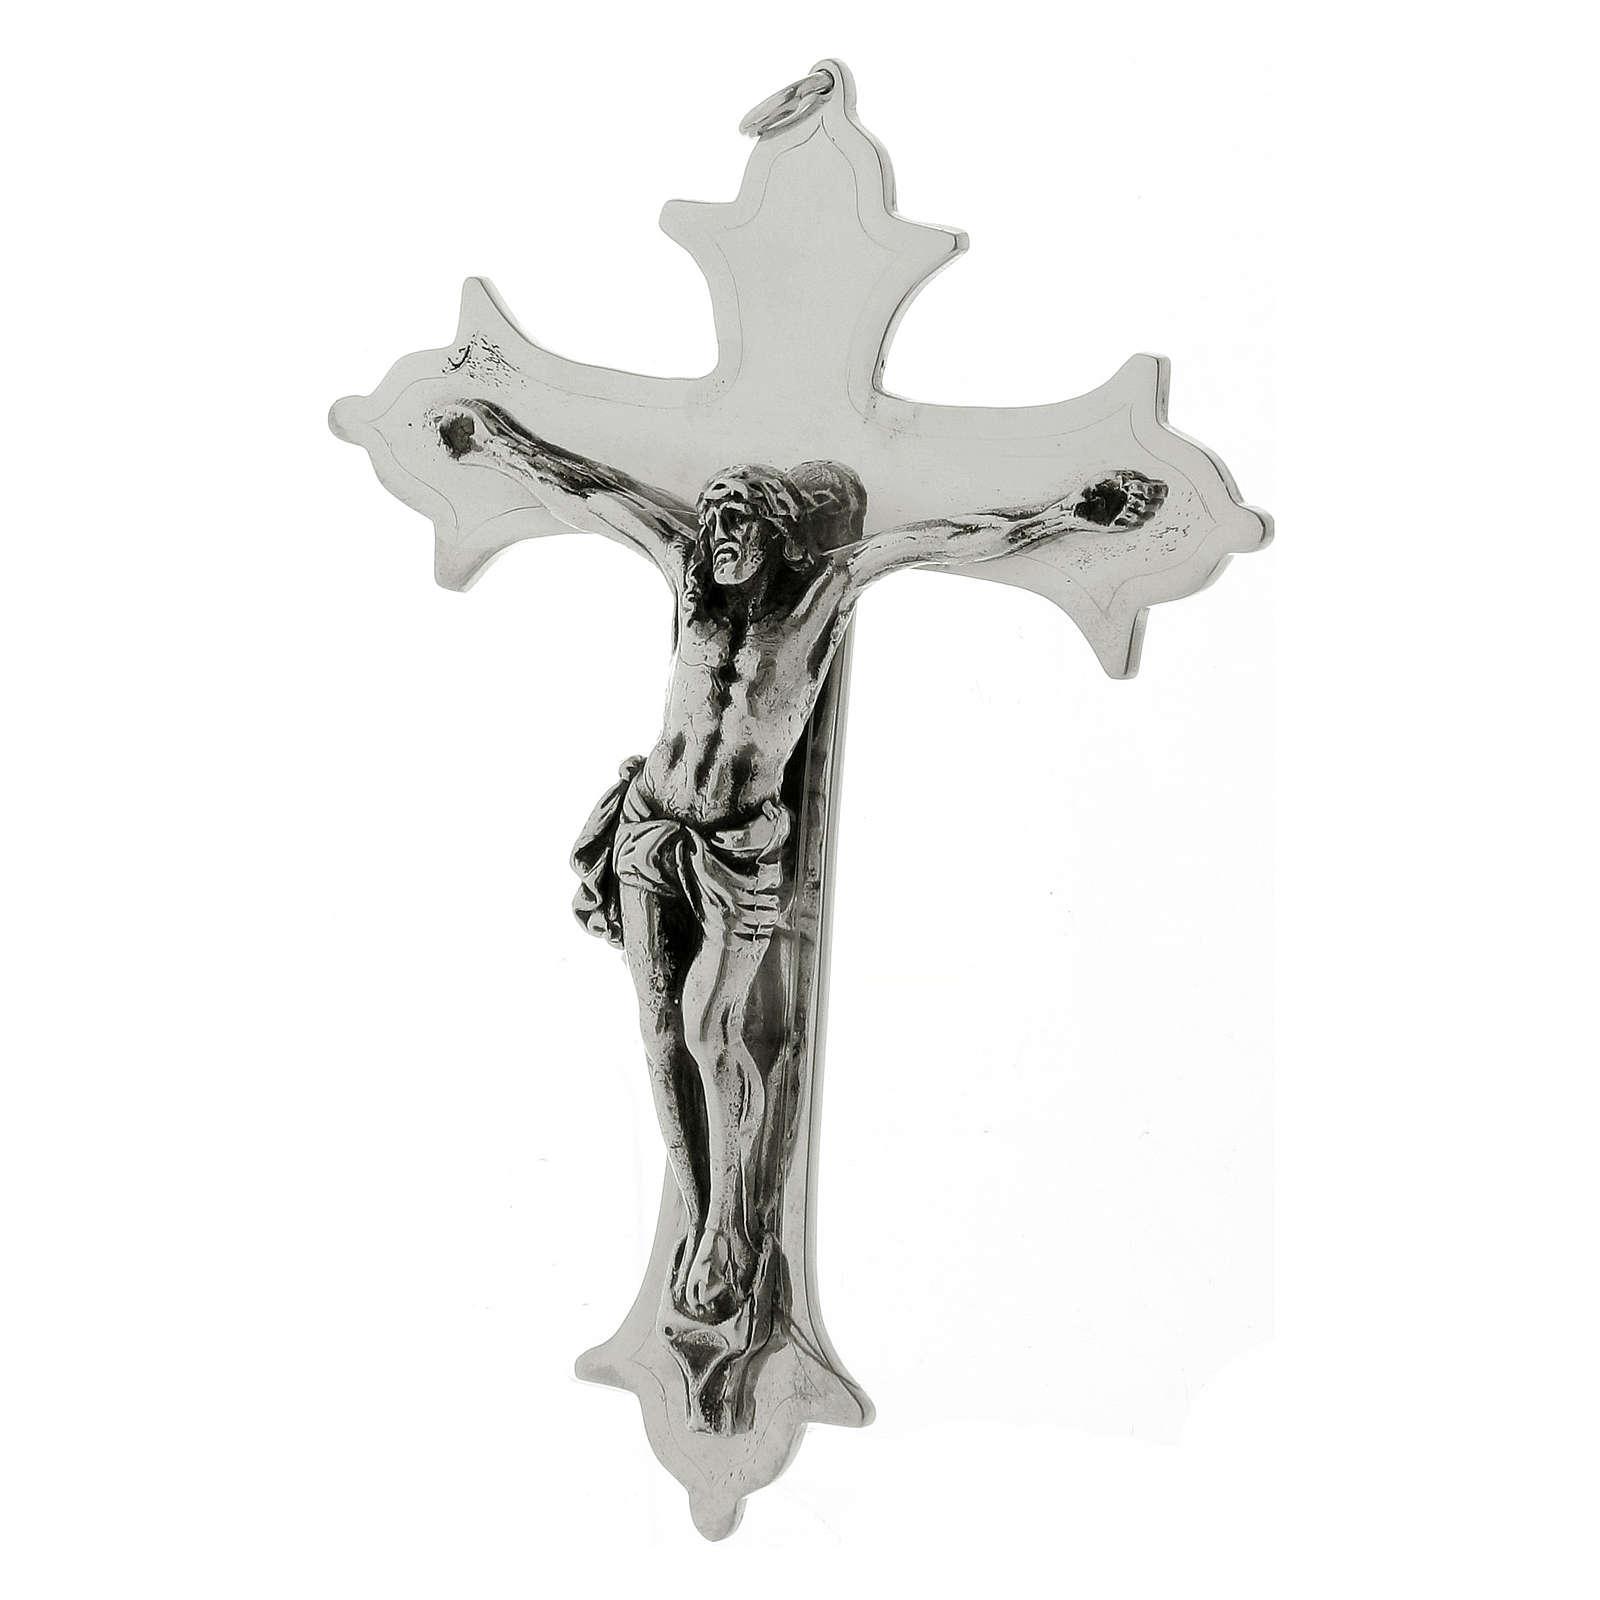 Krucyfiks krzyż biskupi mosiądz posrebrzany 13 cm 3